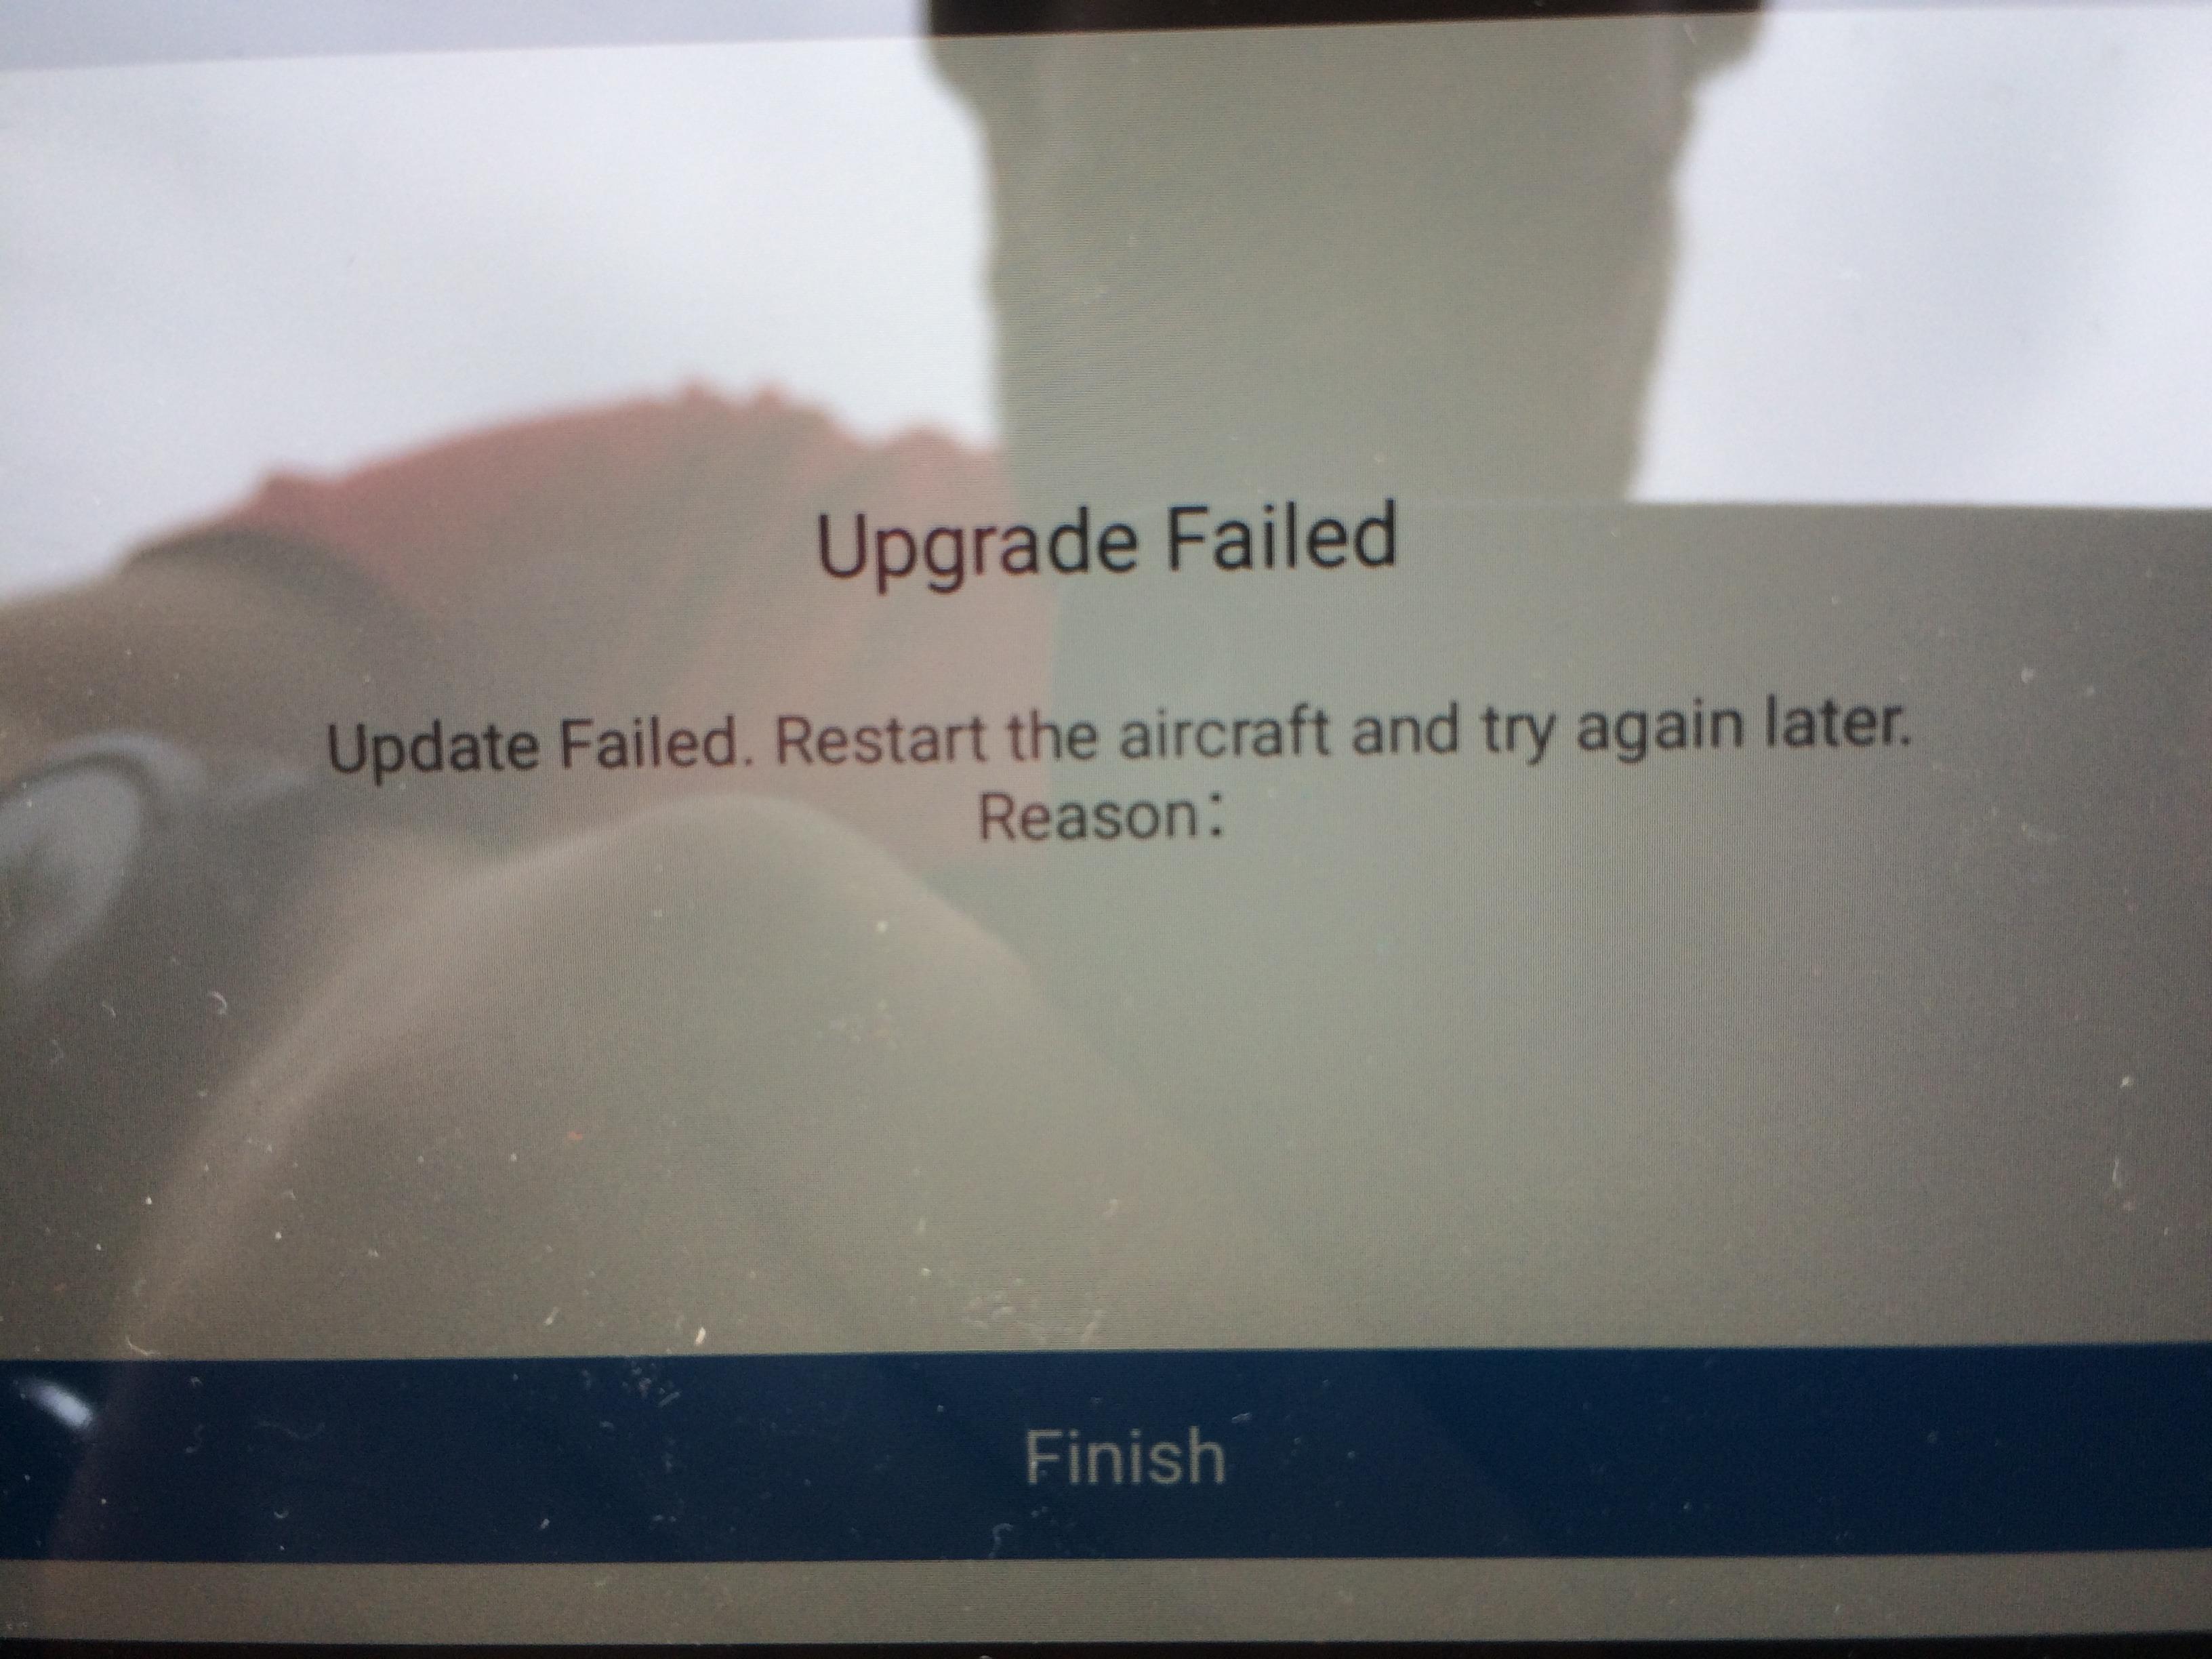 Hvorfor kunne ikke appen oppdatere dronen? Reason, thats why, ser det ut til.